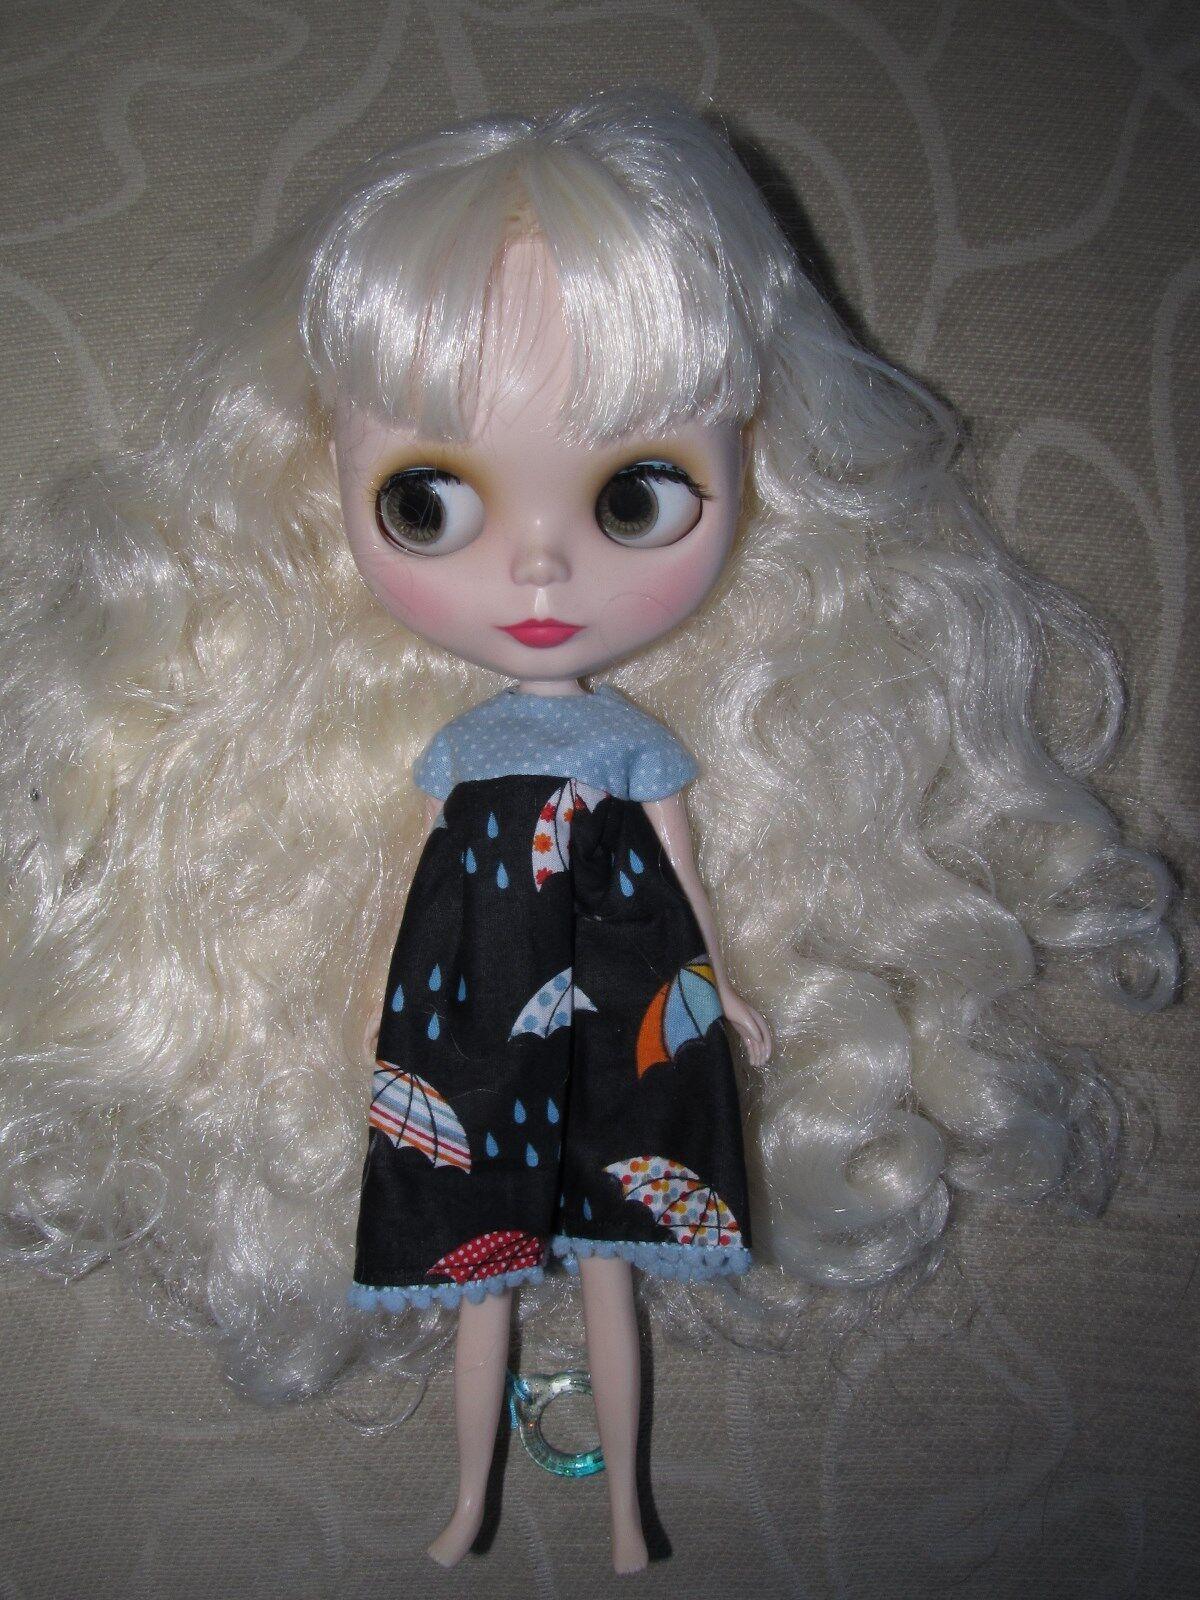 OOAK parzialmente personalizzati Blythe Doll-exc cond